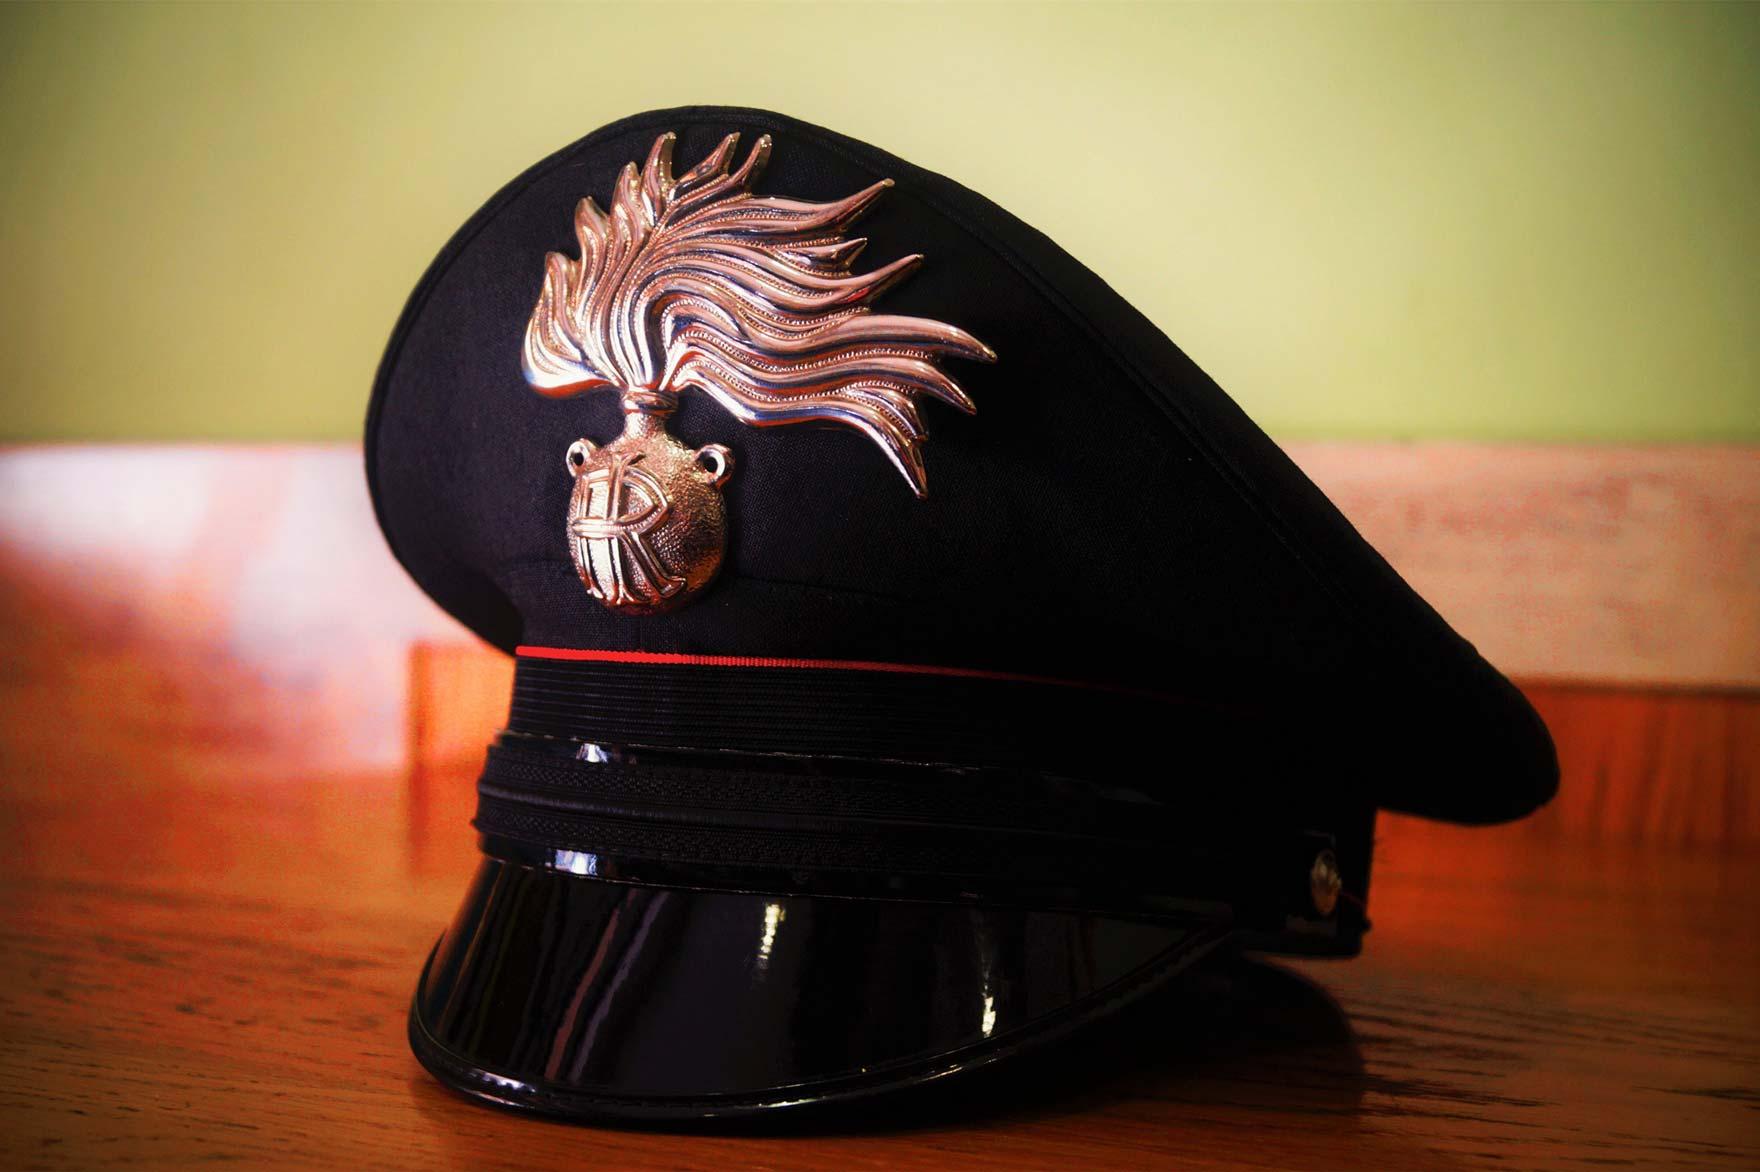 Lotta alle truffe: incontro con i Carabinieri